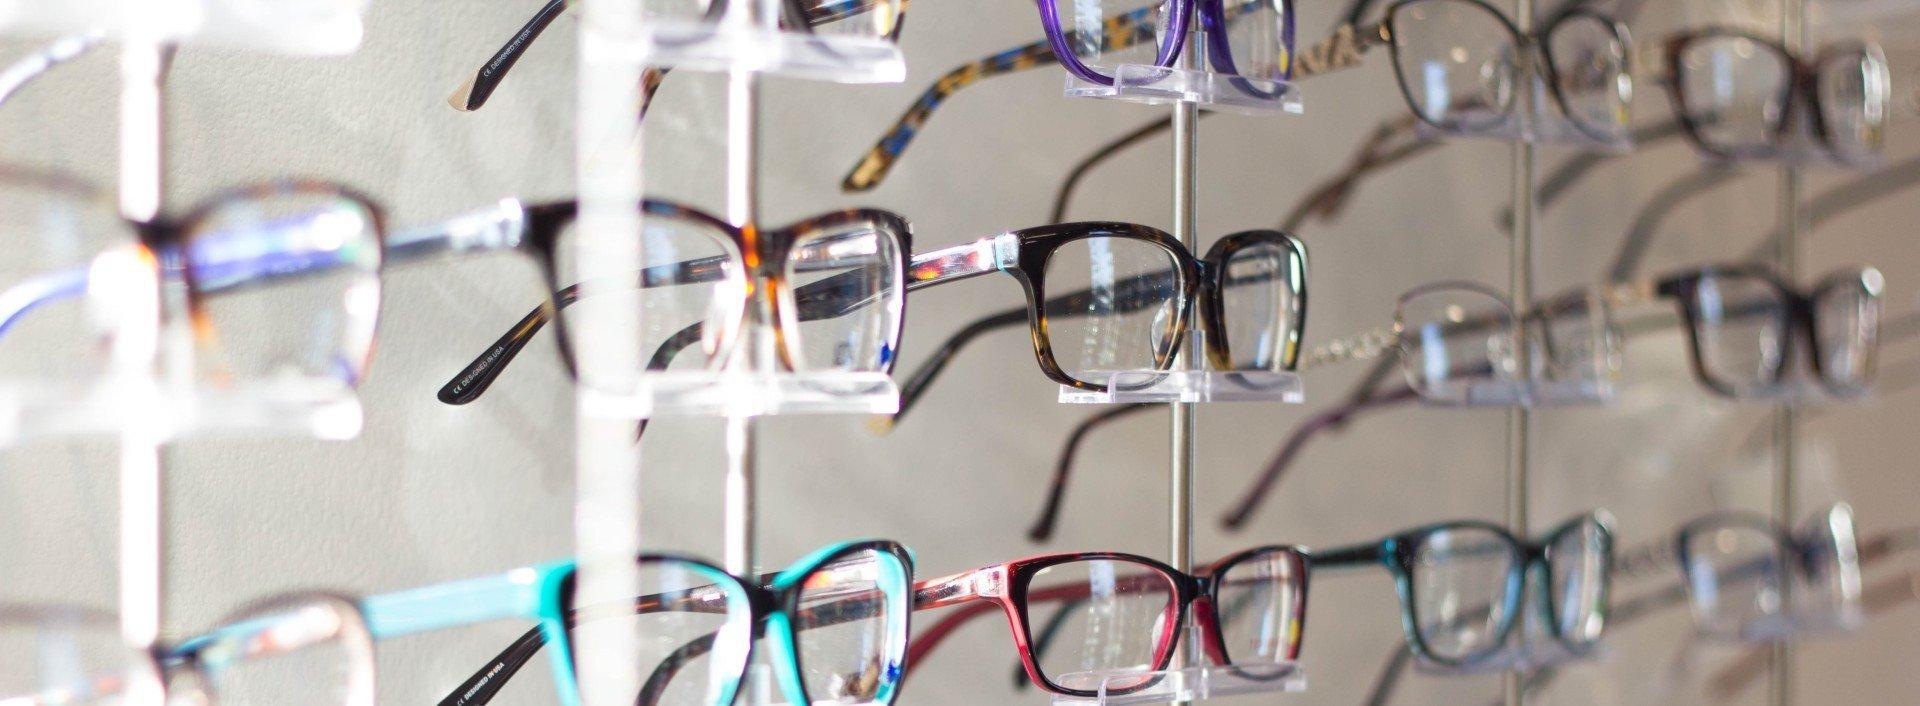 Vokabeln für den Augenarztbesuch: Ein Gestell mit Brillen zum Verkauf beim Optiker.